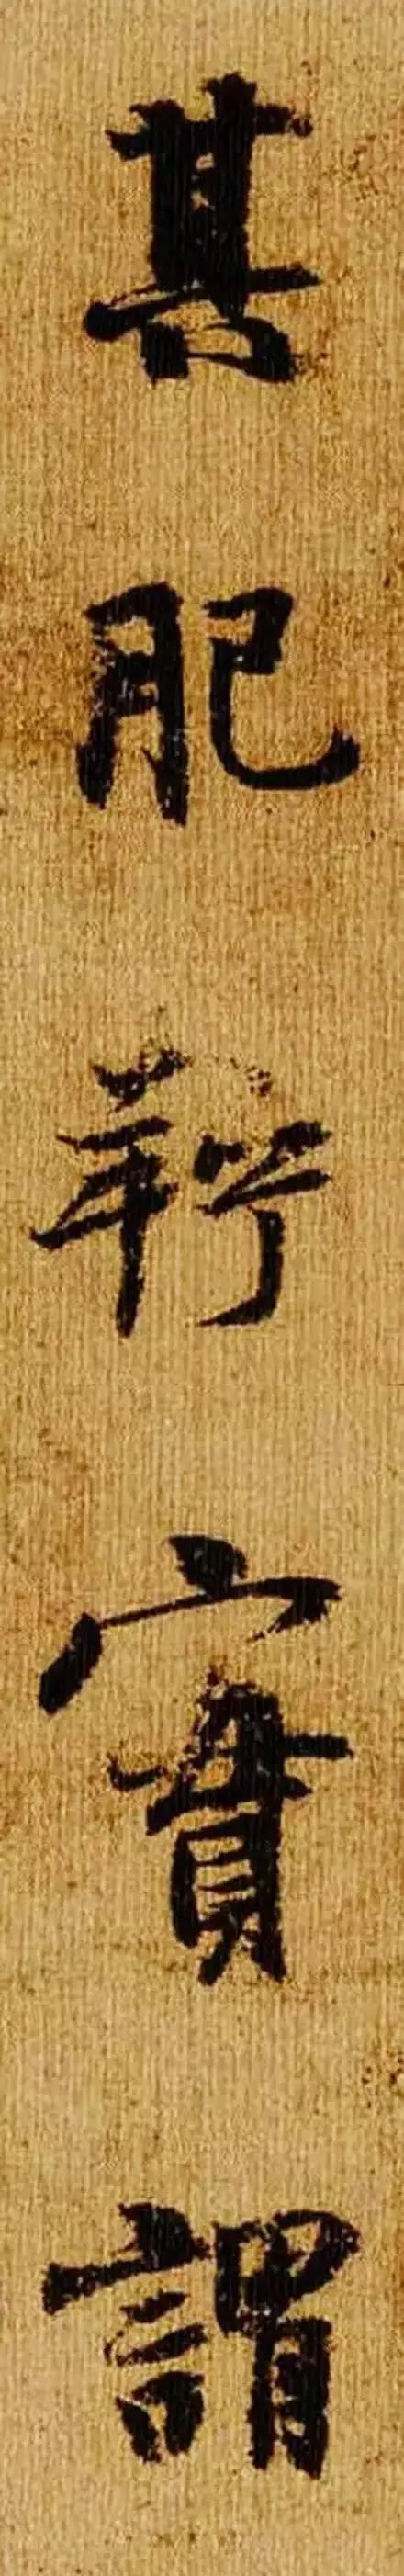 杨凝式的一封信